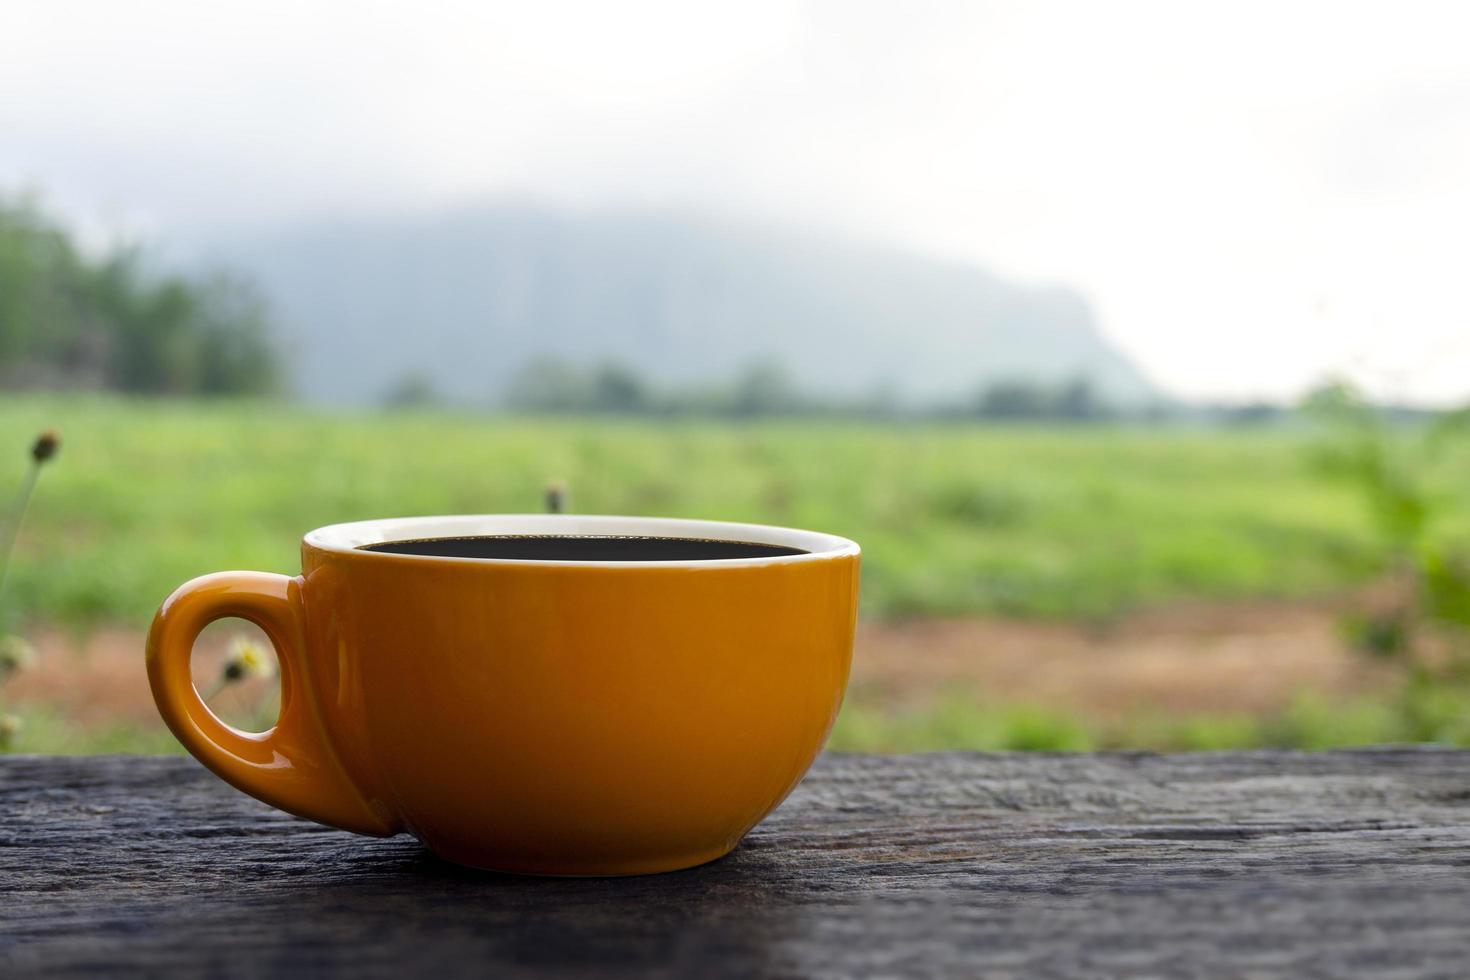 kopje koffie op tafel in de schilderachtige buitenomgeving foto